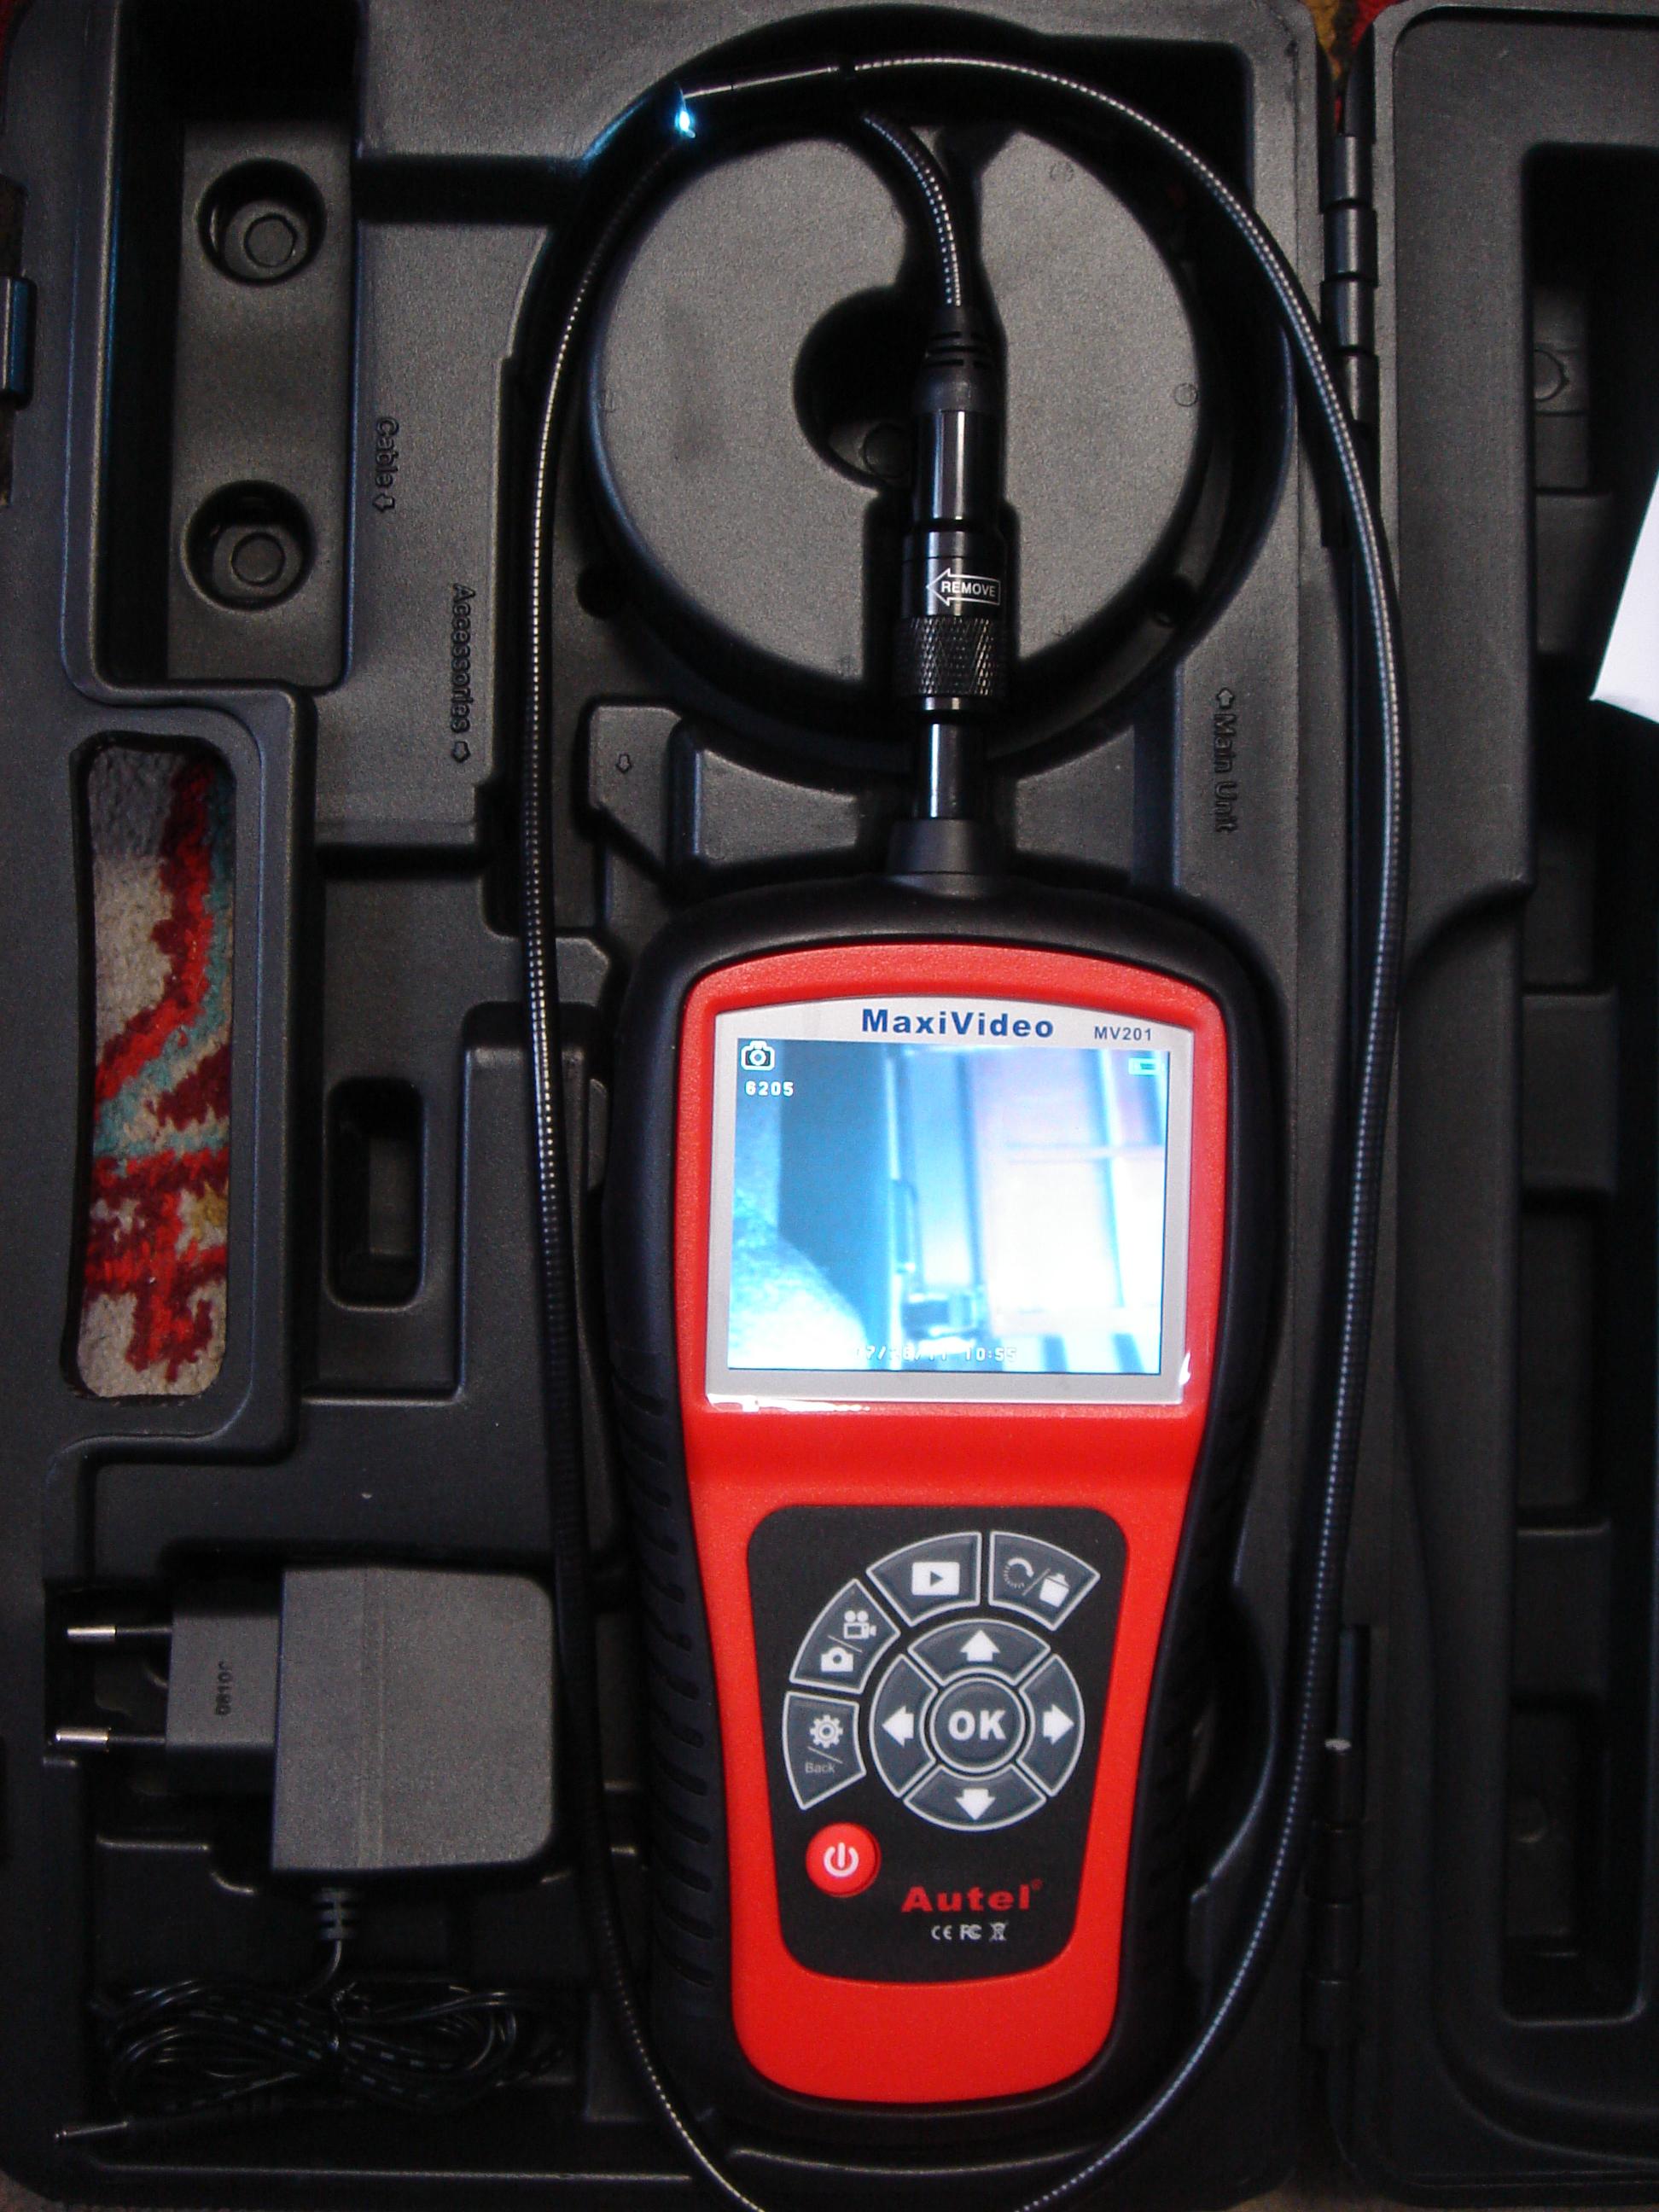 MV201 - hibakereső kamera (1)